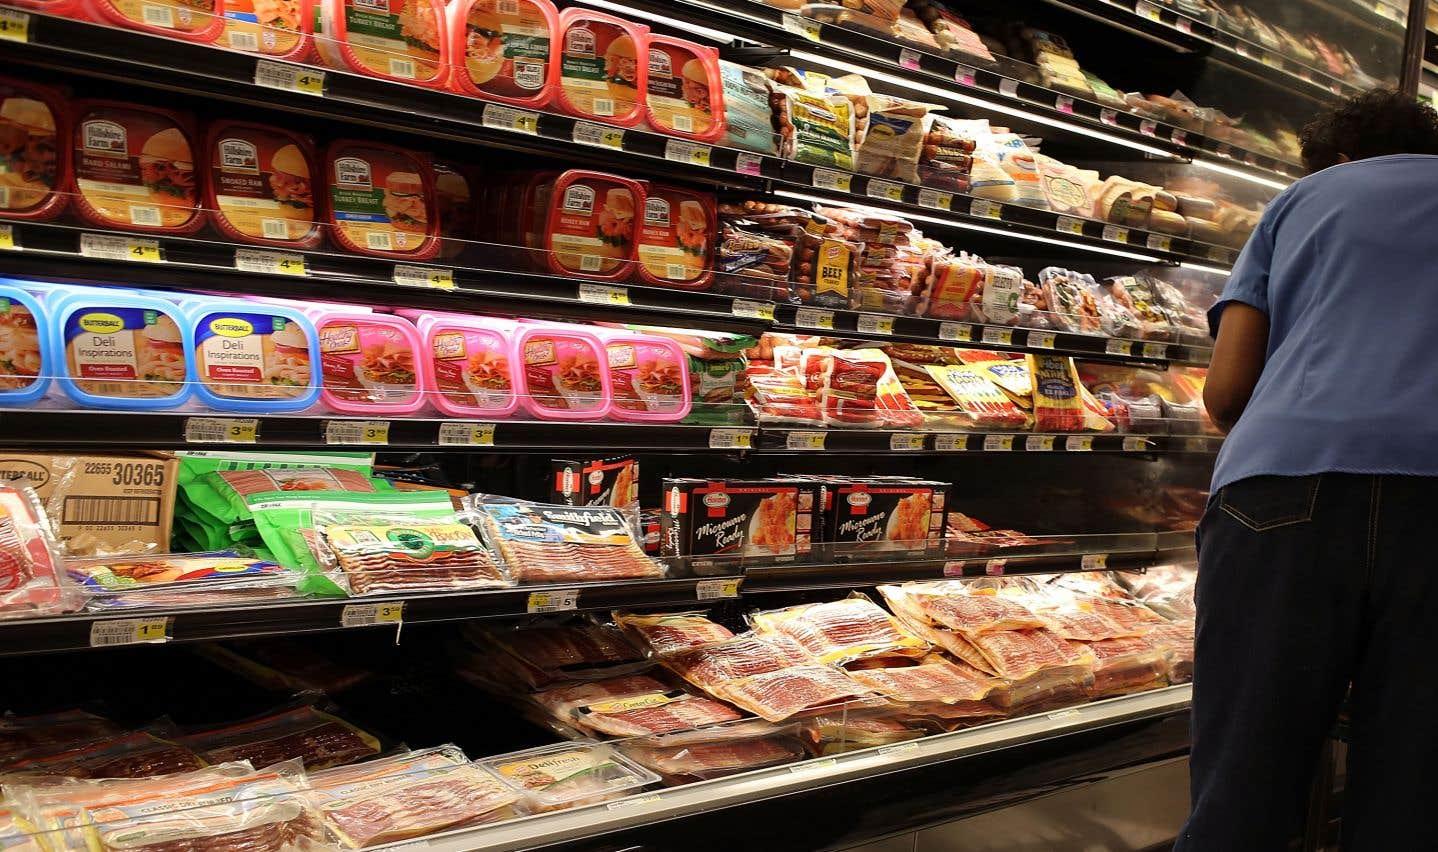 Les chercheurs se sont intéressés à ce qu'ils appellent les «aliments ultratransformés», qui contiennent souvent des quantités plus élevées de gras, de sucres et de sel.